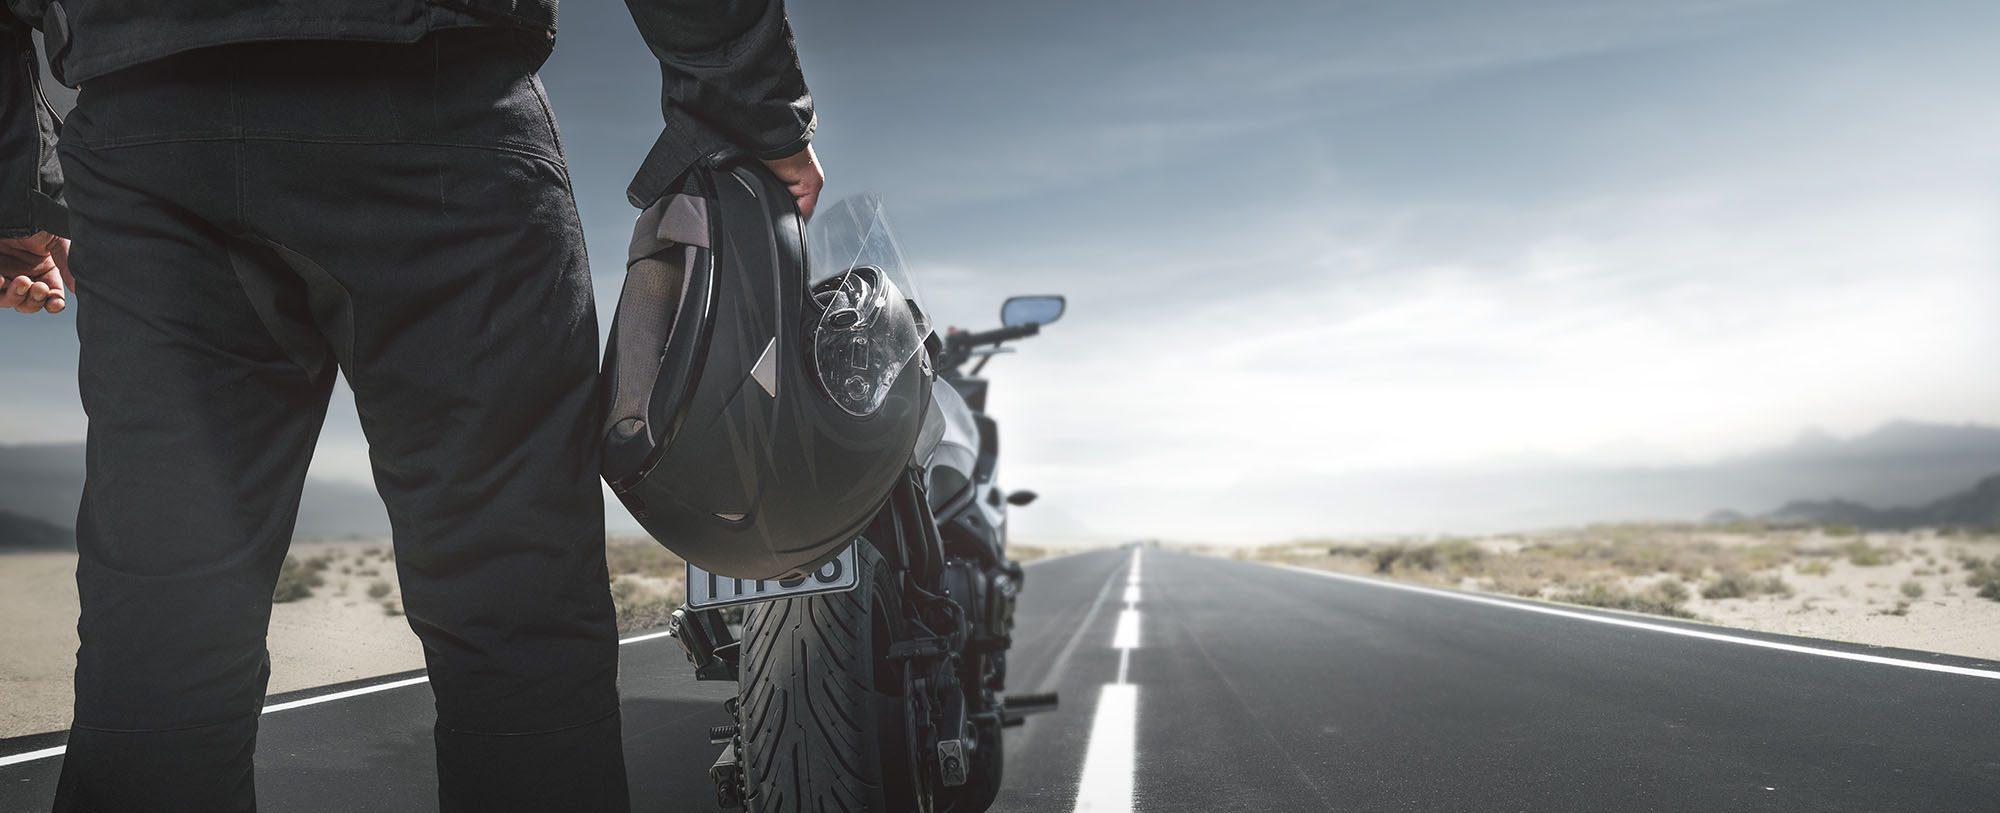 Biker mit Motorrad auf einer Landstraße